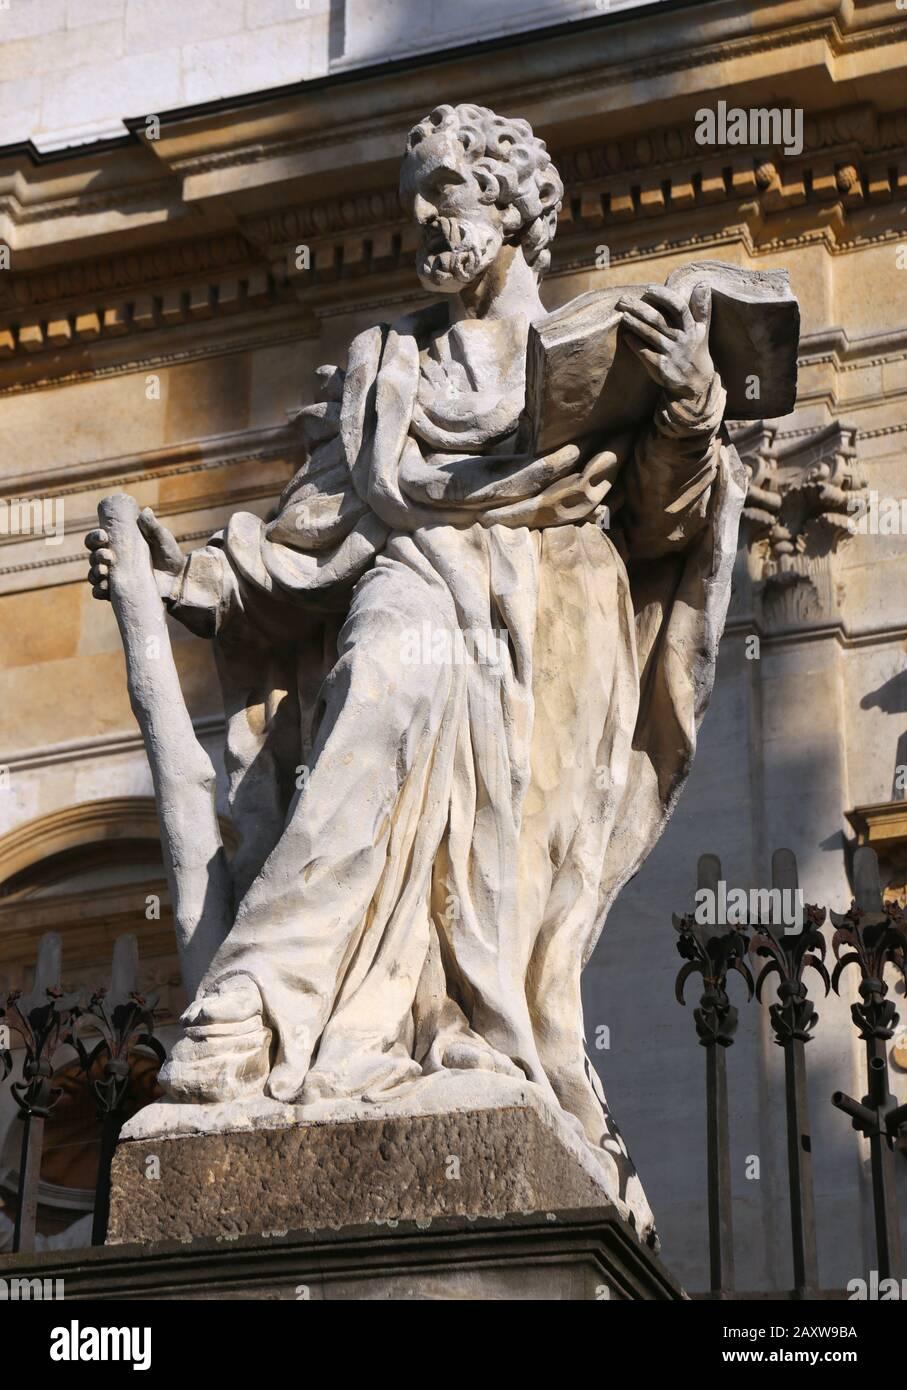 Cracovia. Cracovia. Polonia. Grodzka Street. Figura dell'apostolo Matteo di fronte alla chiesa dei santi Pietro e Paolo. Foto Stock